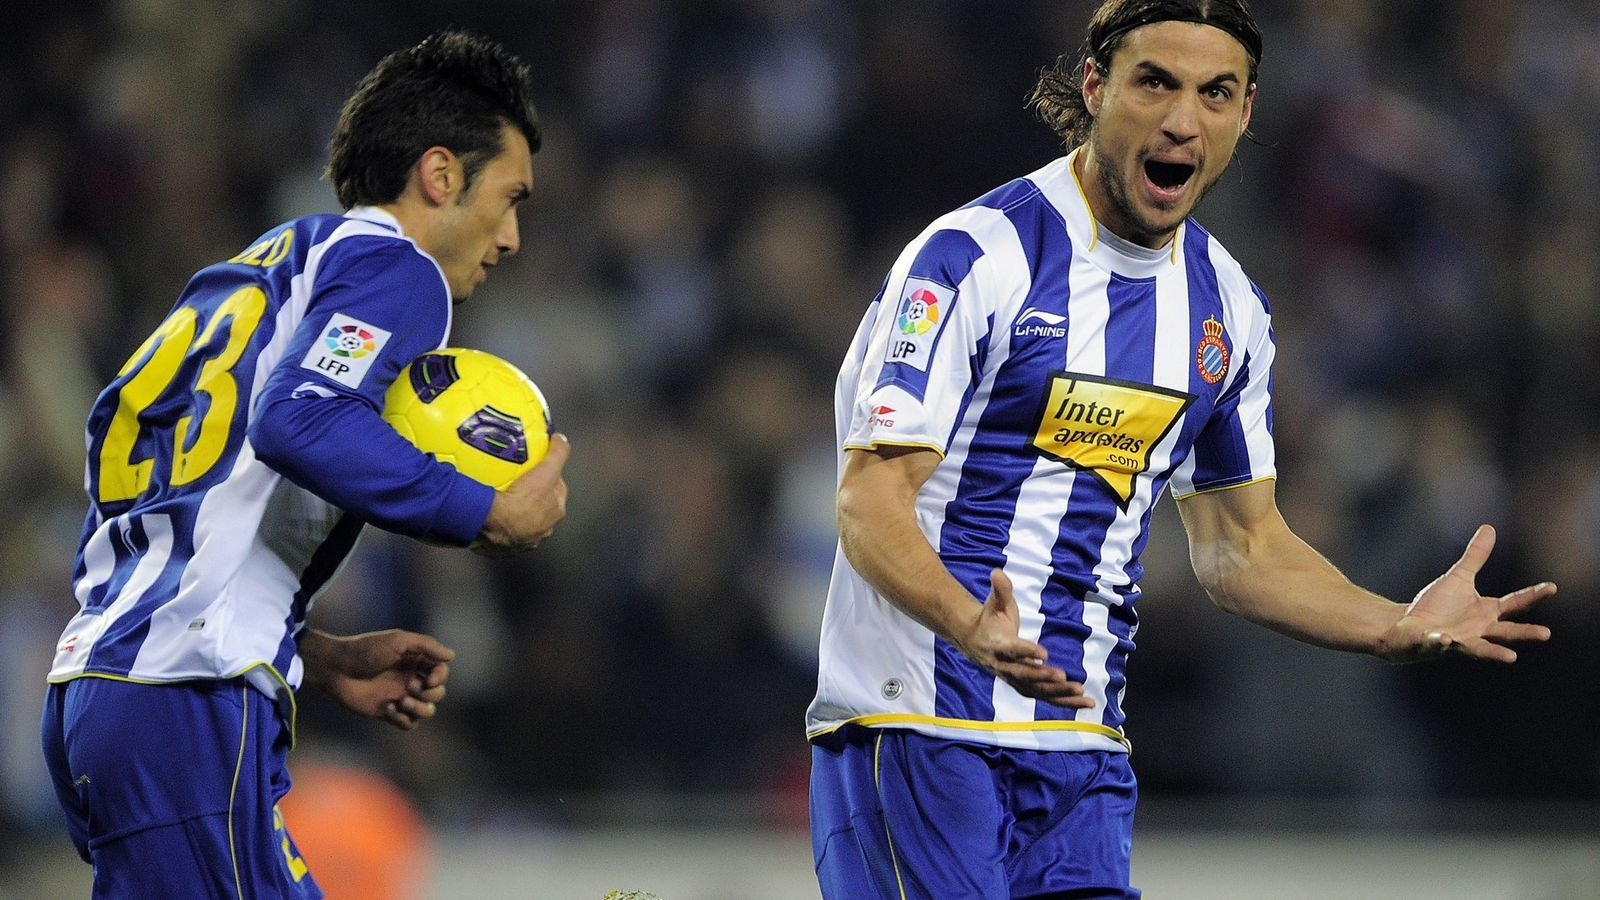 Osvaldo va celebrar amb ràbia el gol que va marcar, l'únic que va aconseguir l'Espanyol i que va acabar amb la ratxa d'imbatibilitat del porter blaugrana Víctor Valdés.